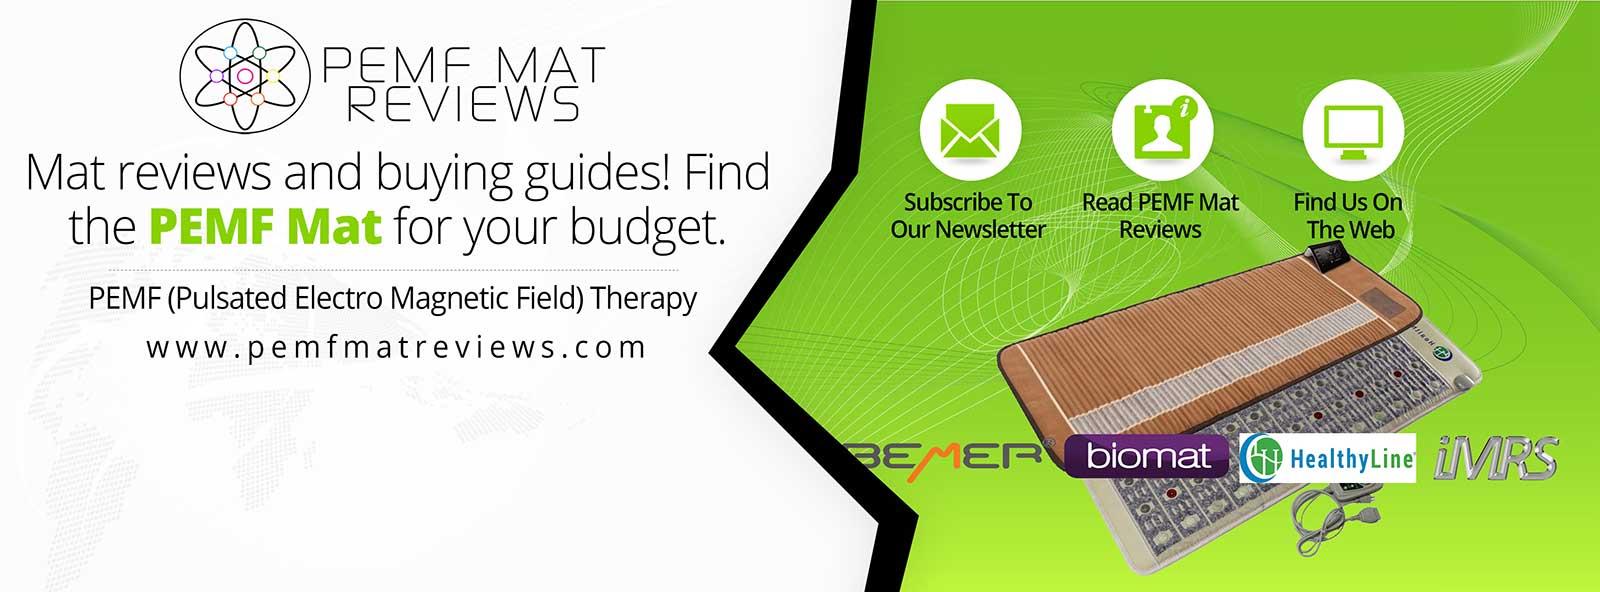 Blog - Pemf Mat Reviews